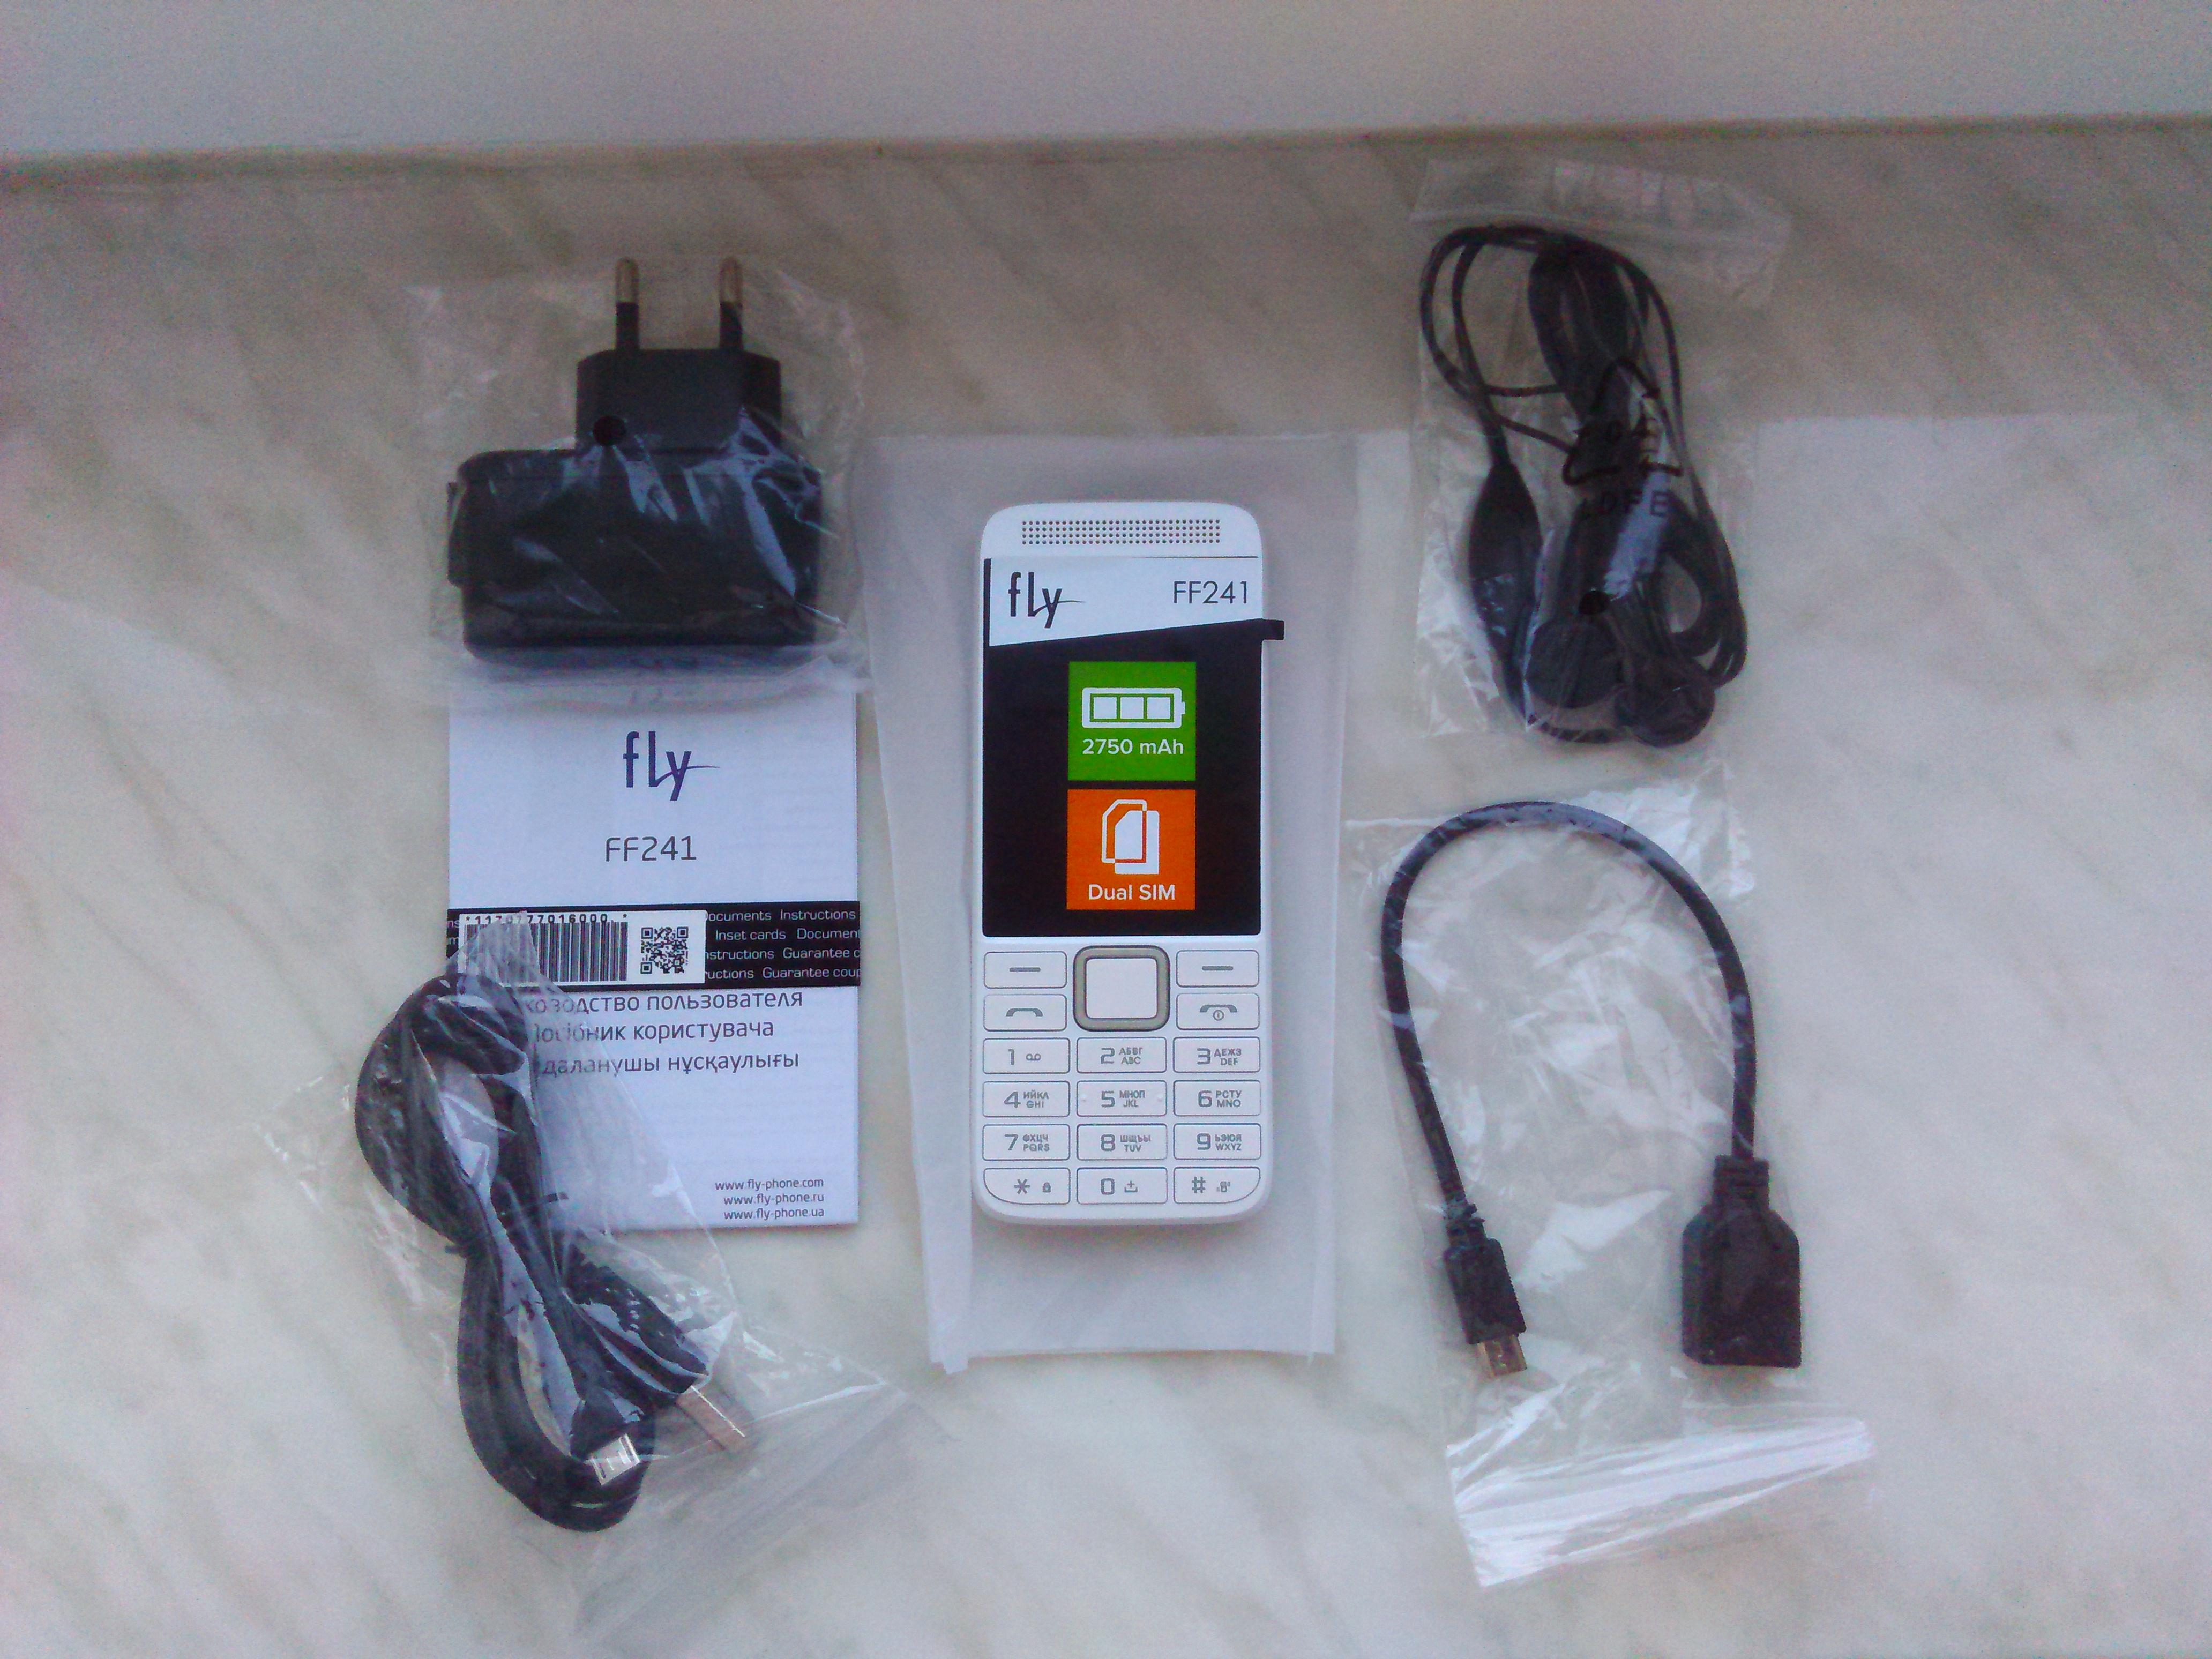 Полный копмлект поставки FF241